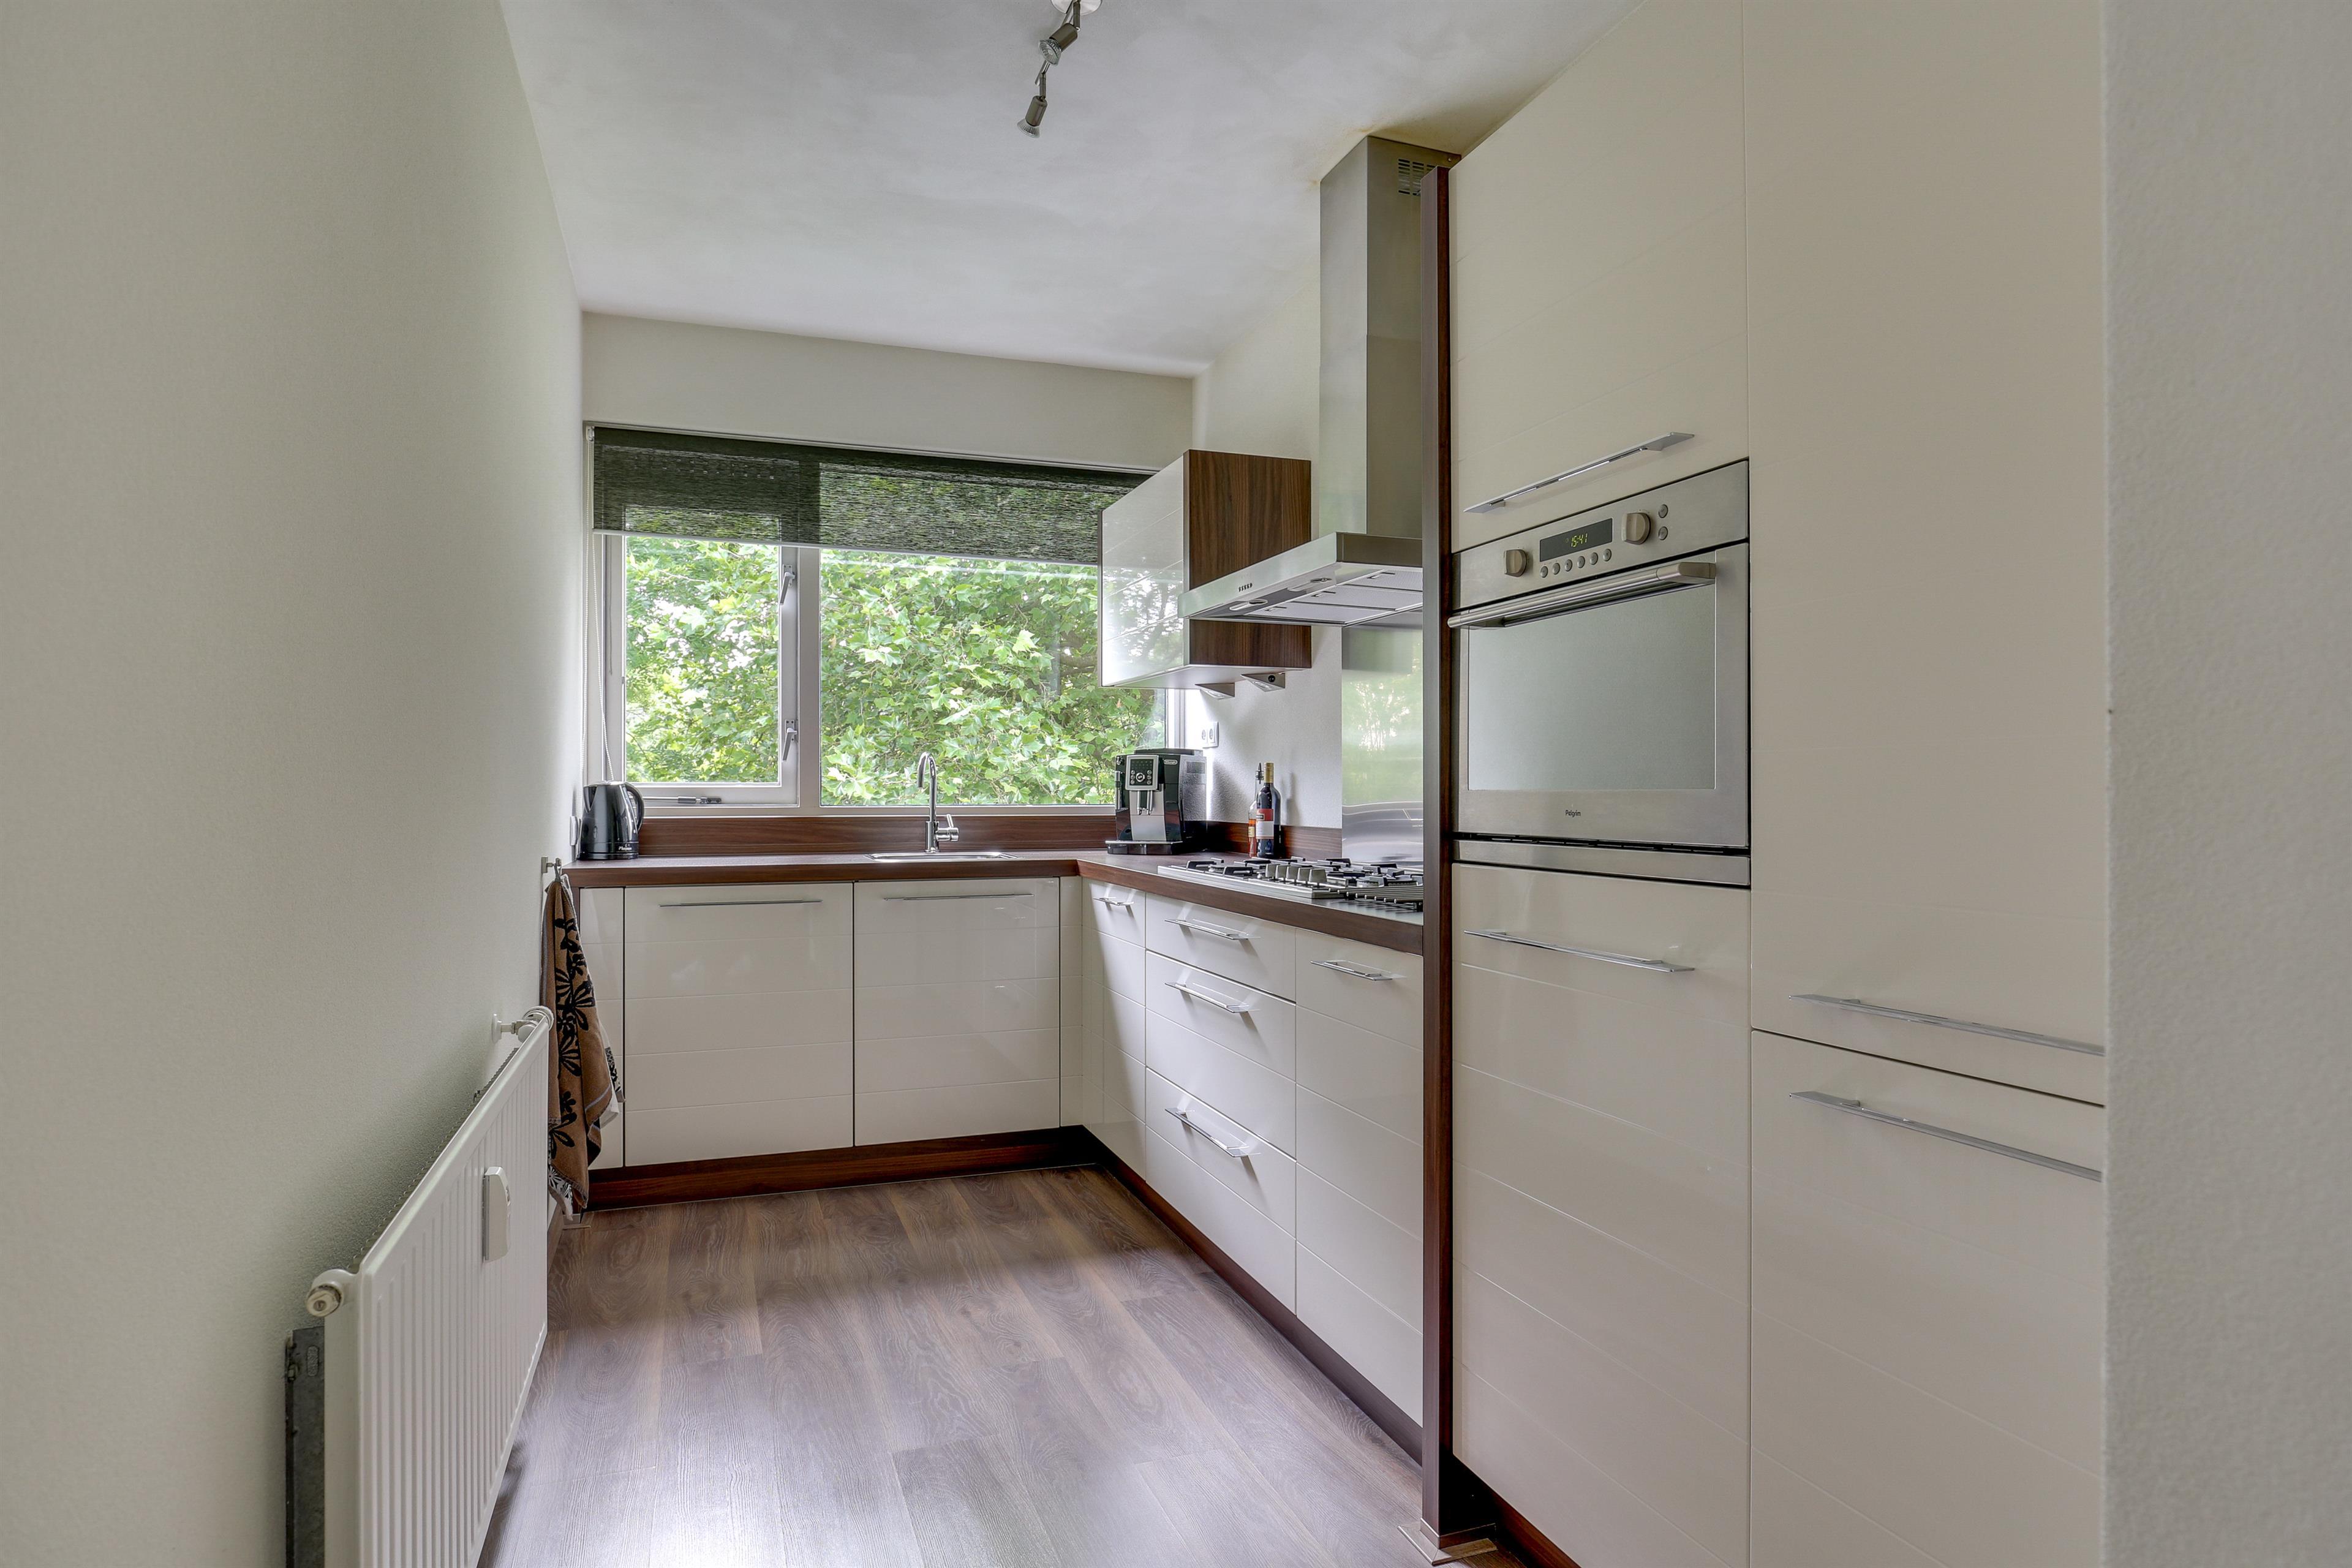 Te koop: Tolhuis 4243, Nijmegen - Hendriks Makelaardij